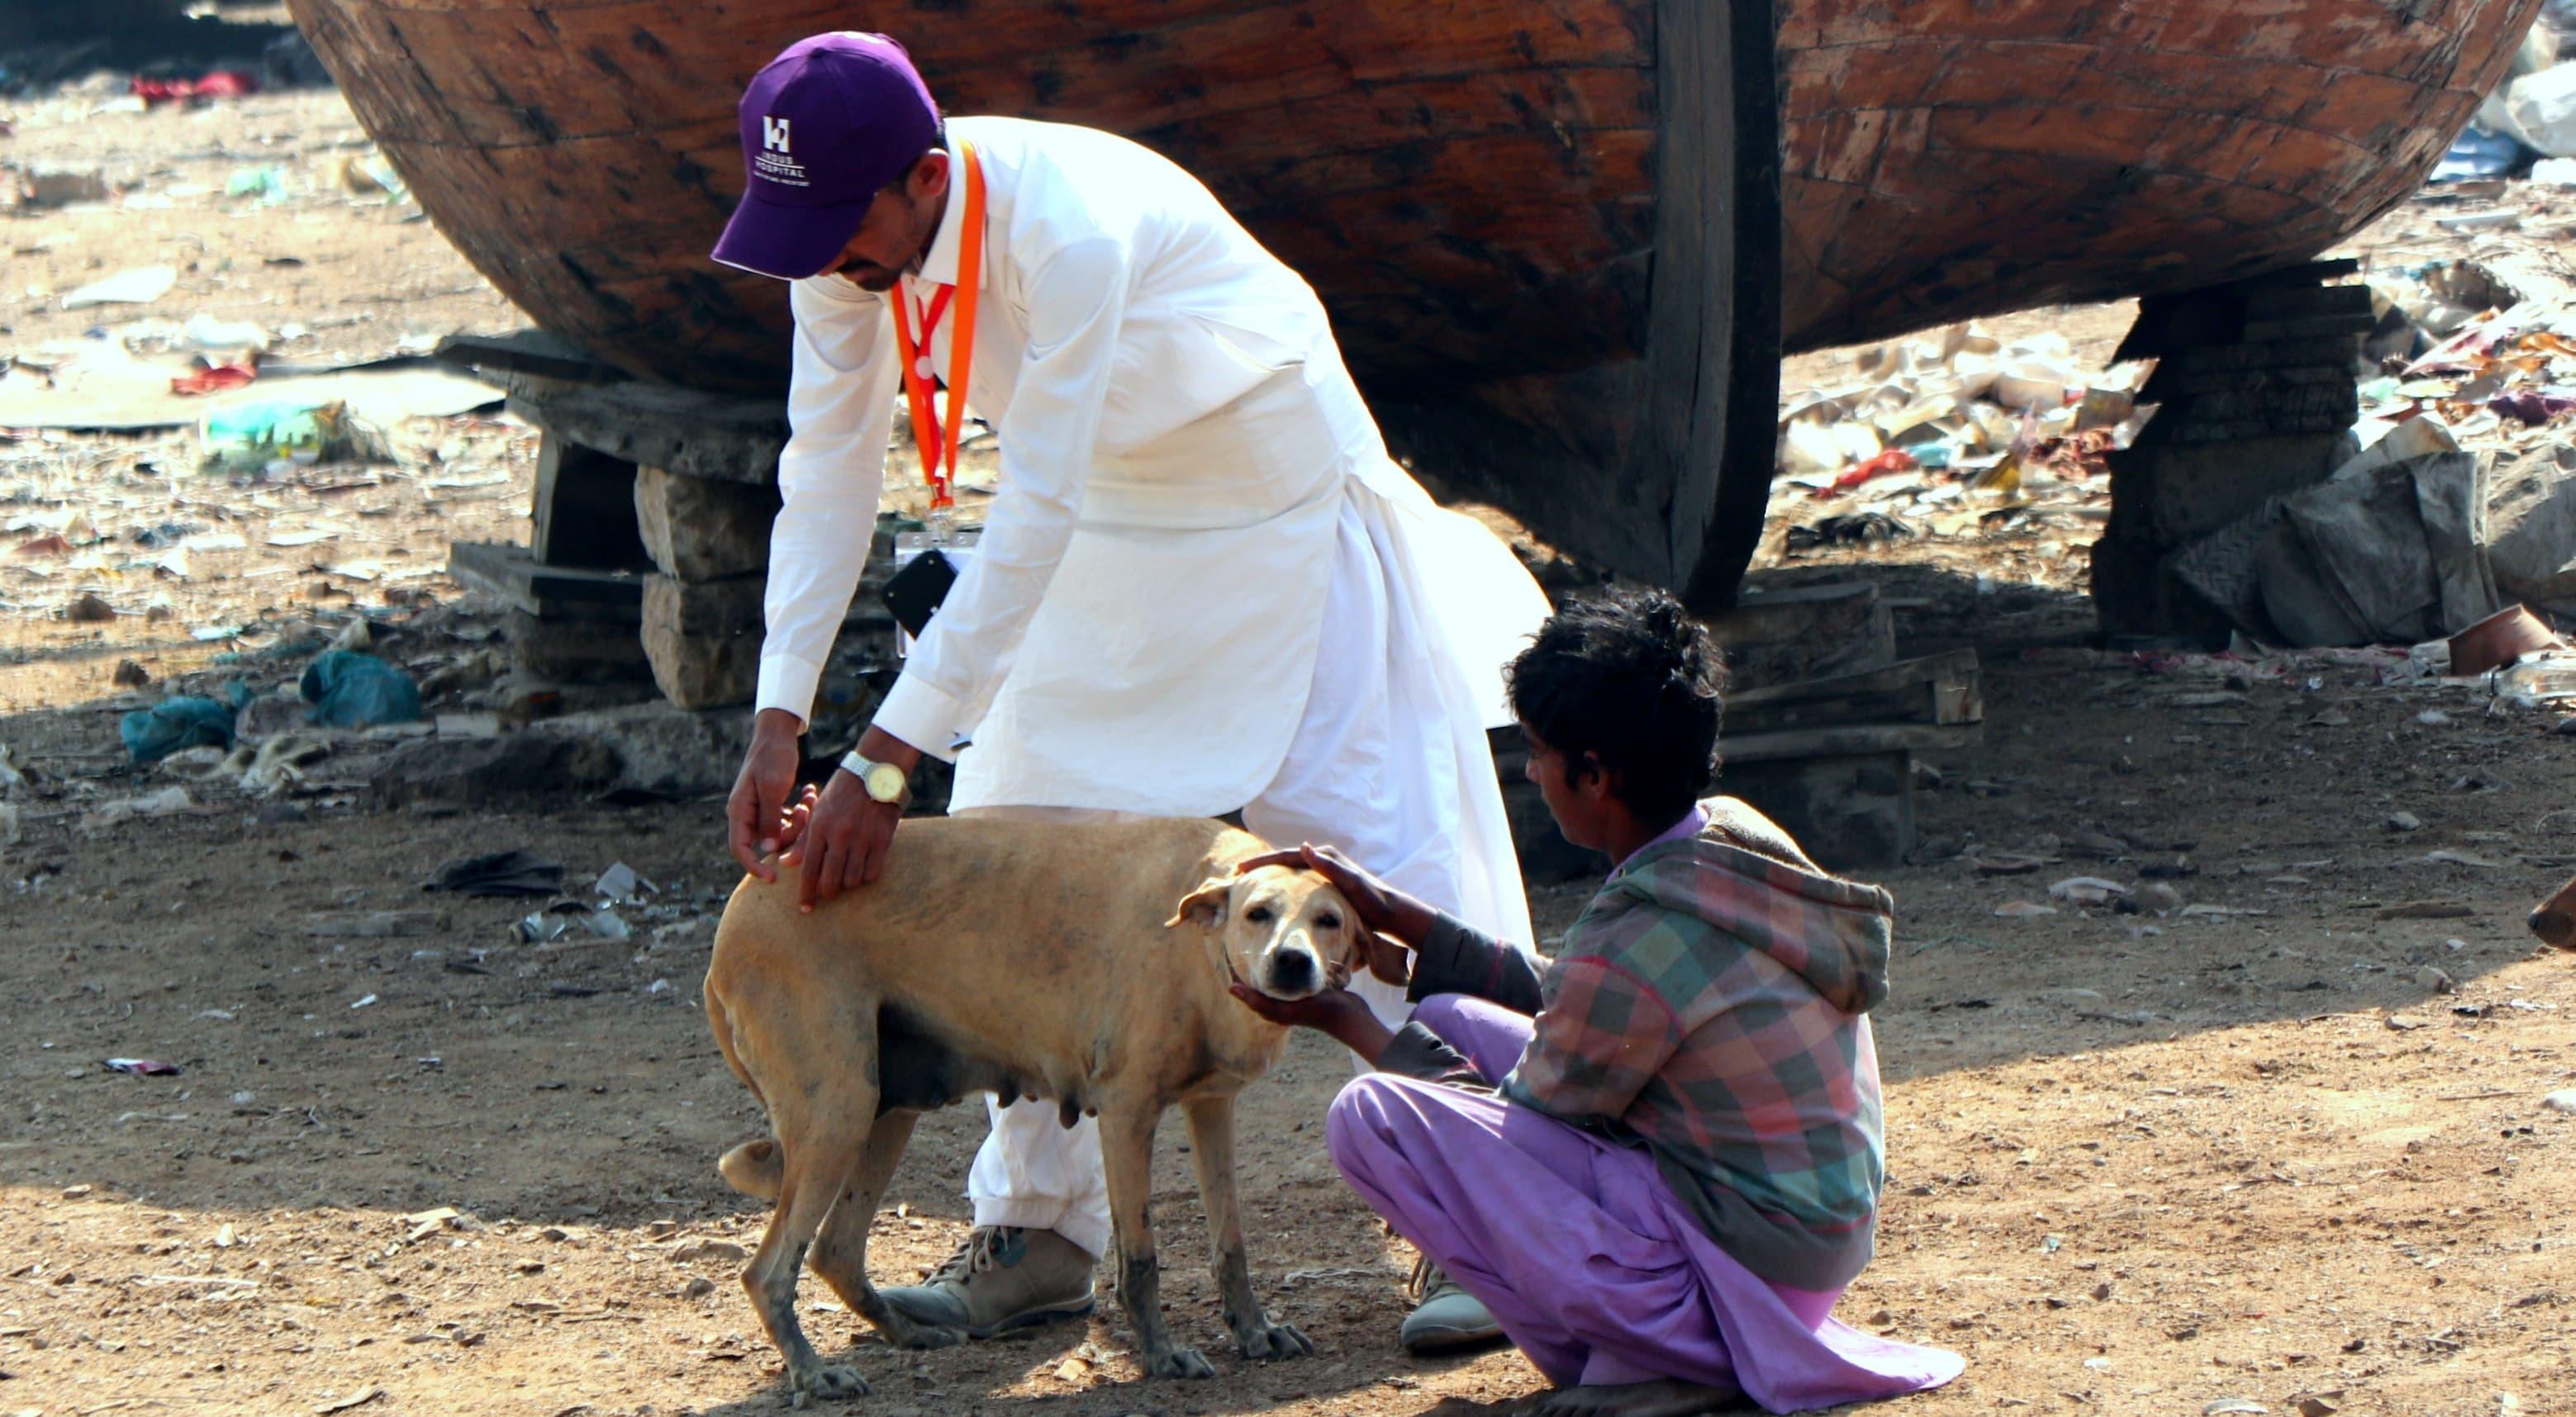 آر کے ایف کا اہلکار کتے کو ویکسین دے رہا ہے — فوٹو: انڈس ہسپتال